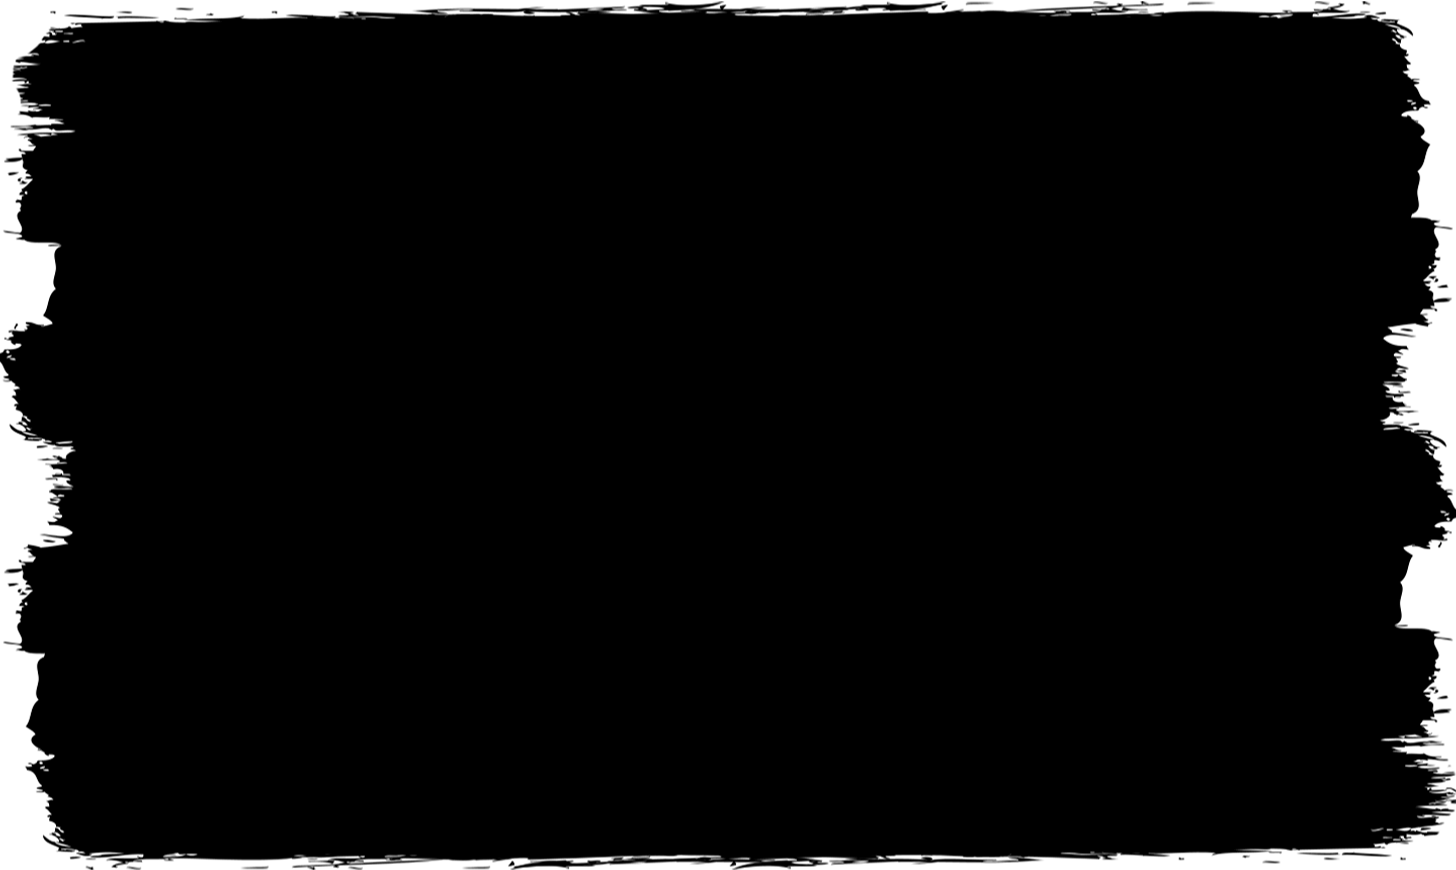 GUNS&ROSÉ - 2018 - LIEBLICHRote FrÜchte -und das nicht zu knapp- bringt dieser Rosé auf den Tisch: Erdbeere, Himbeere, Kirsche und eine tolle Farbe sorgen fÜR gute Laune beim Mädelsabend. Lasst es knallen mit diesem leichten, beerigen Spaßmacher.